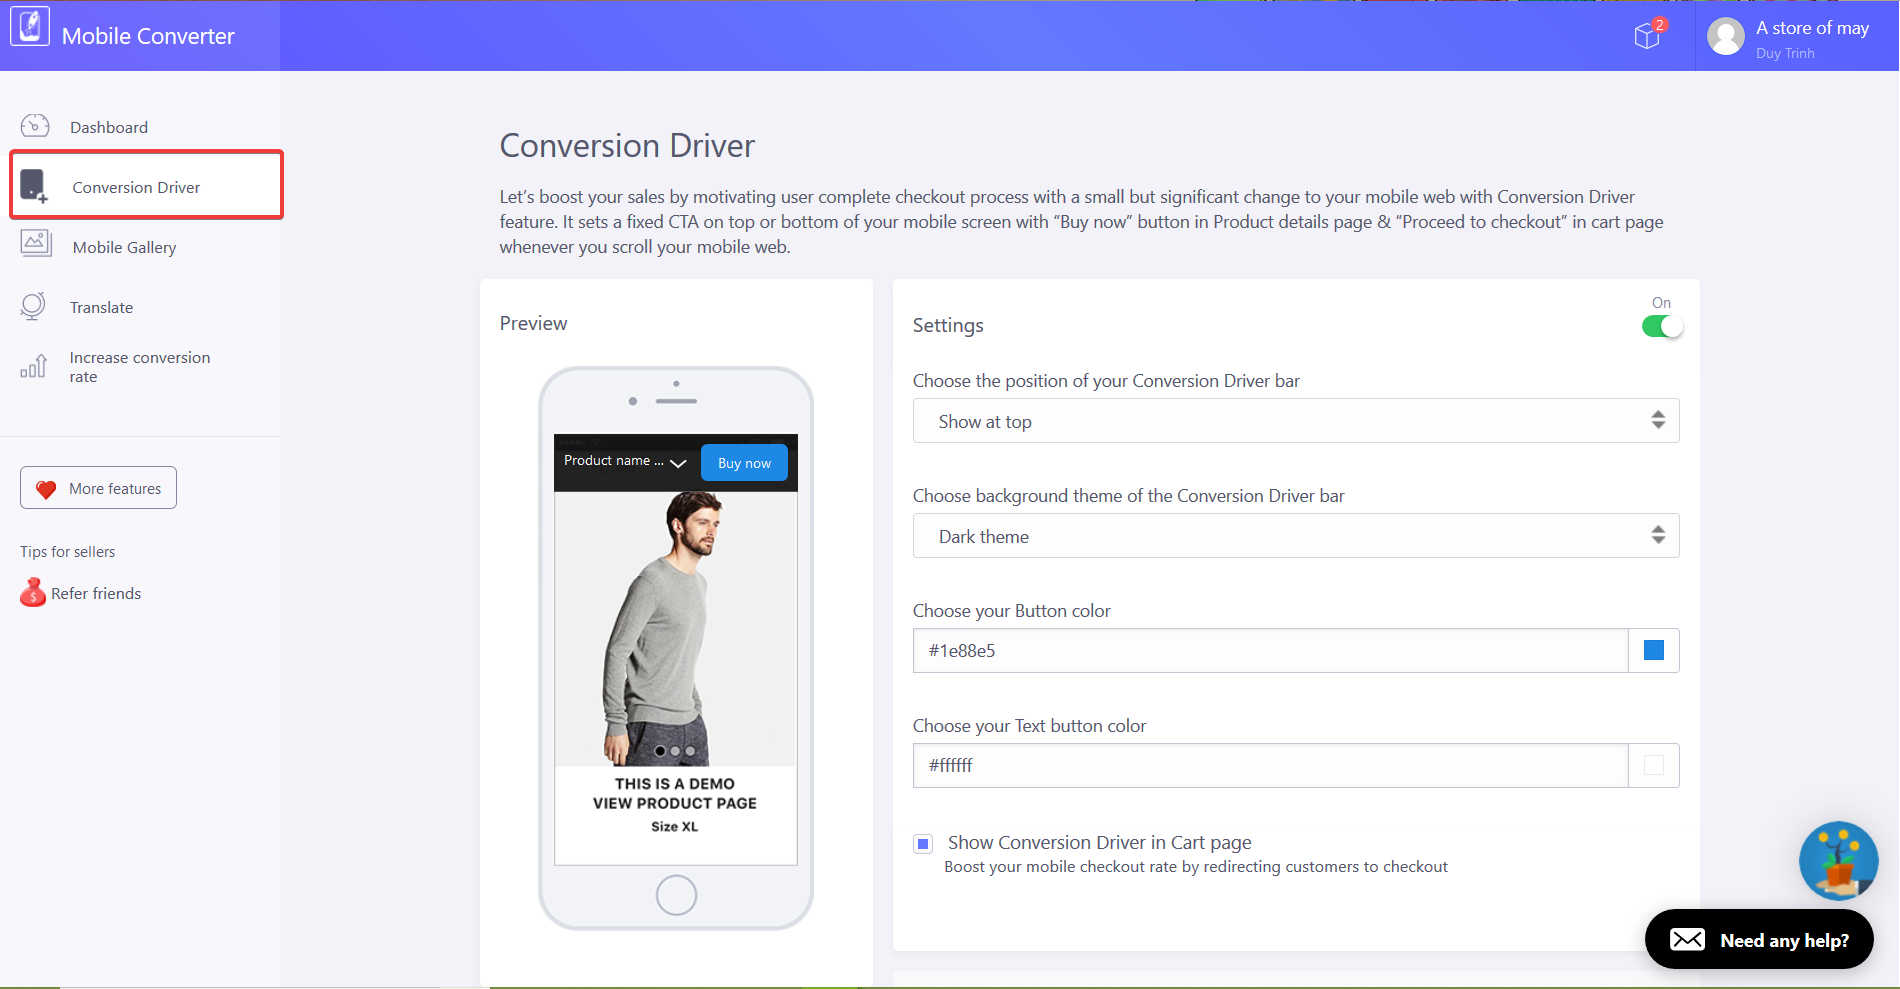 Conversion Driver